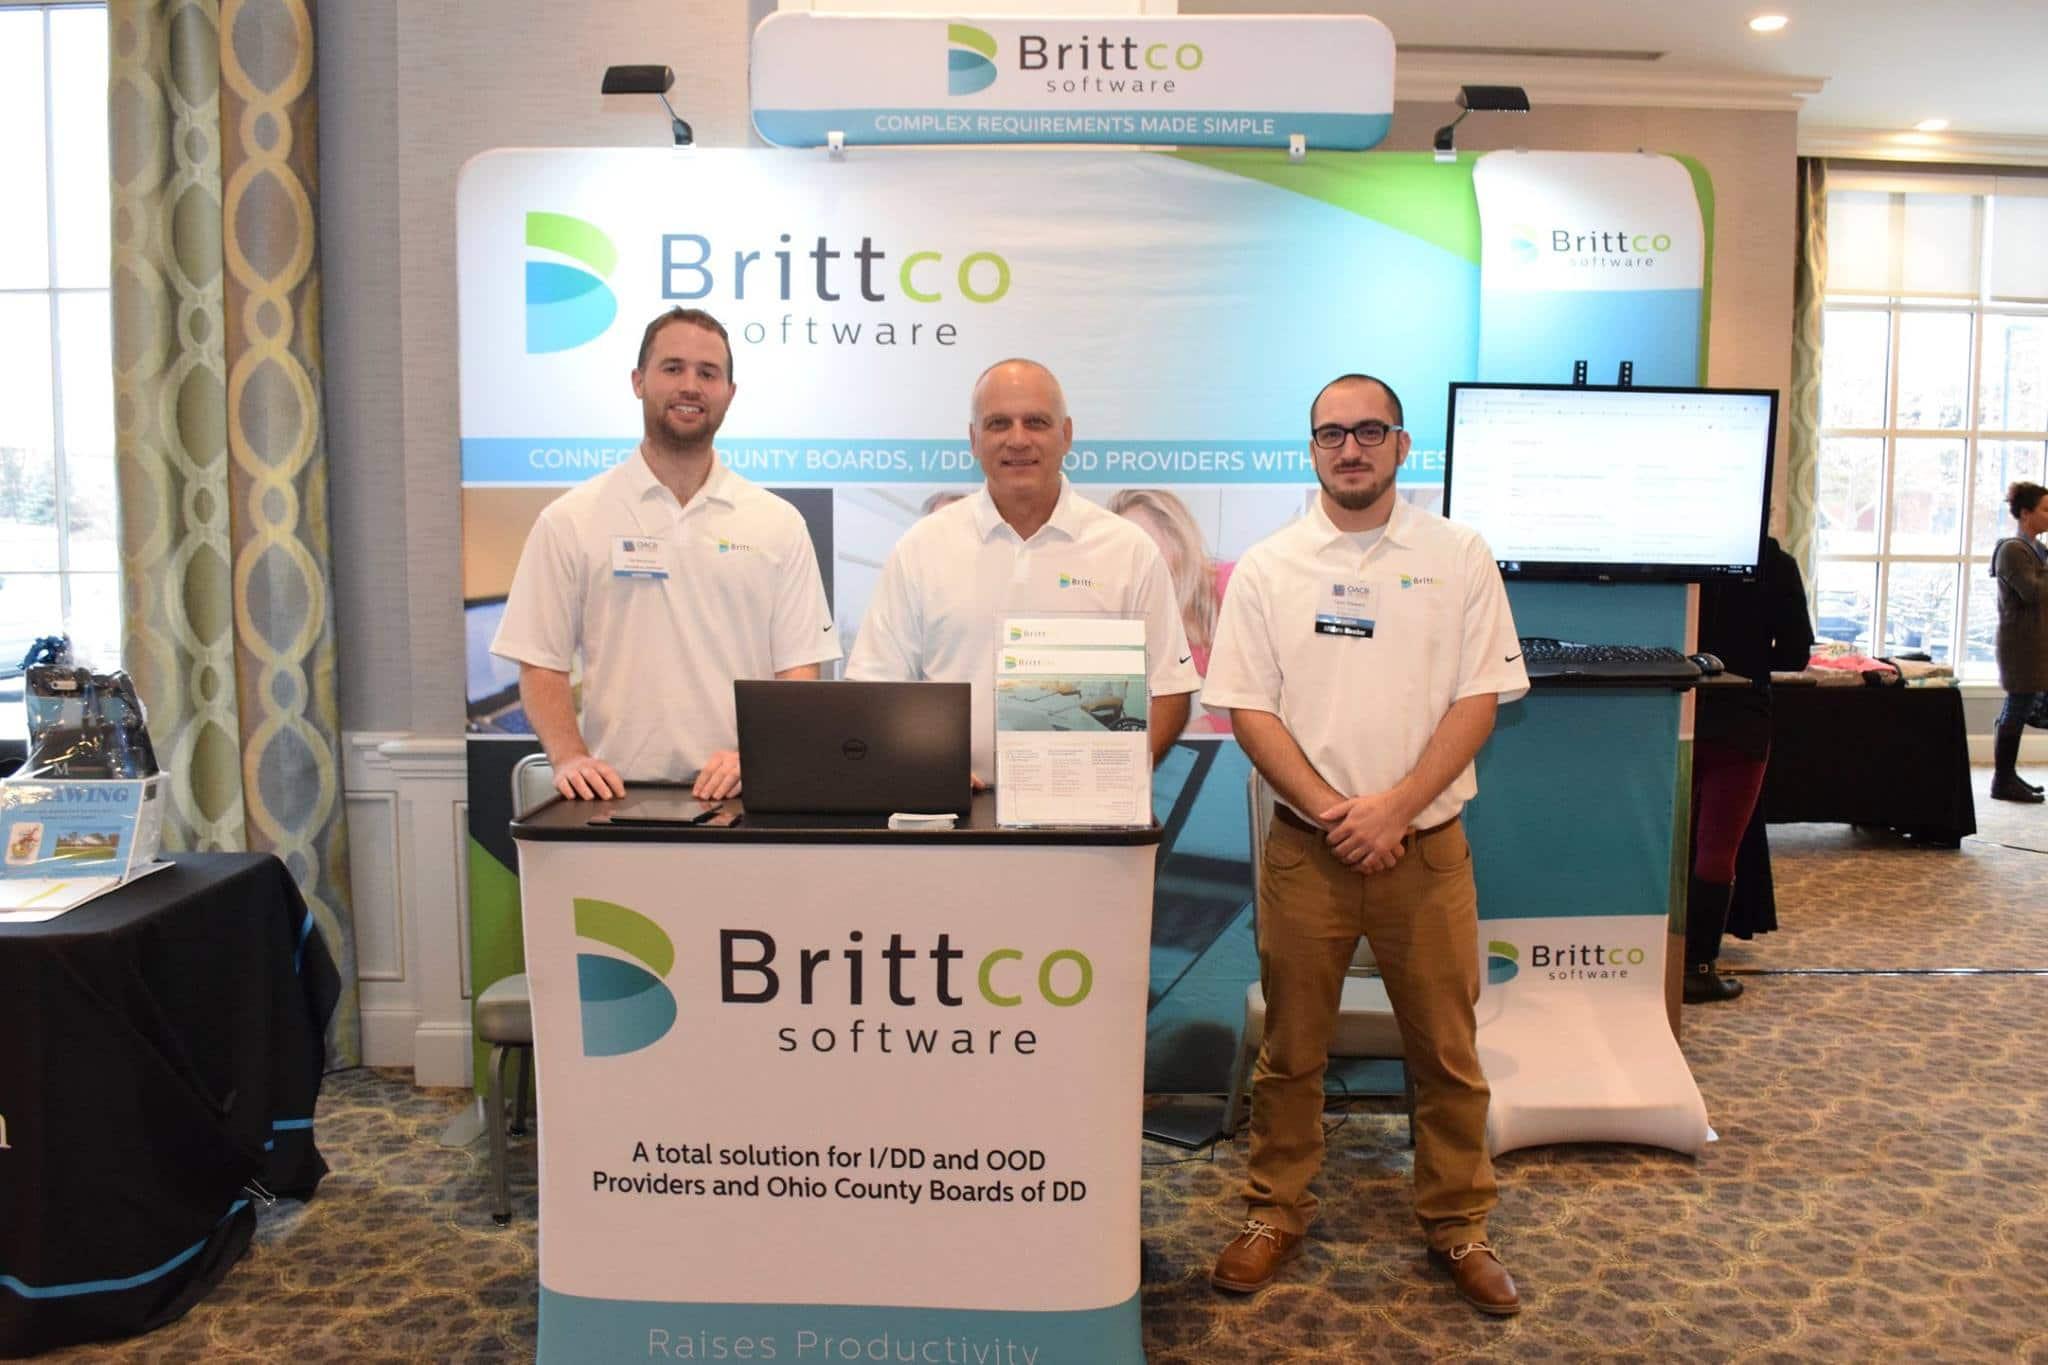 Brittco Software